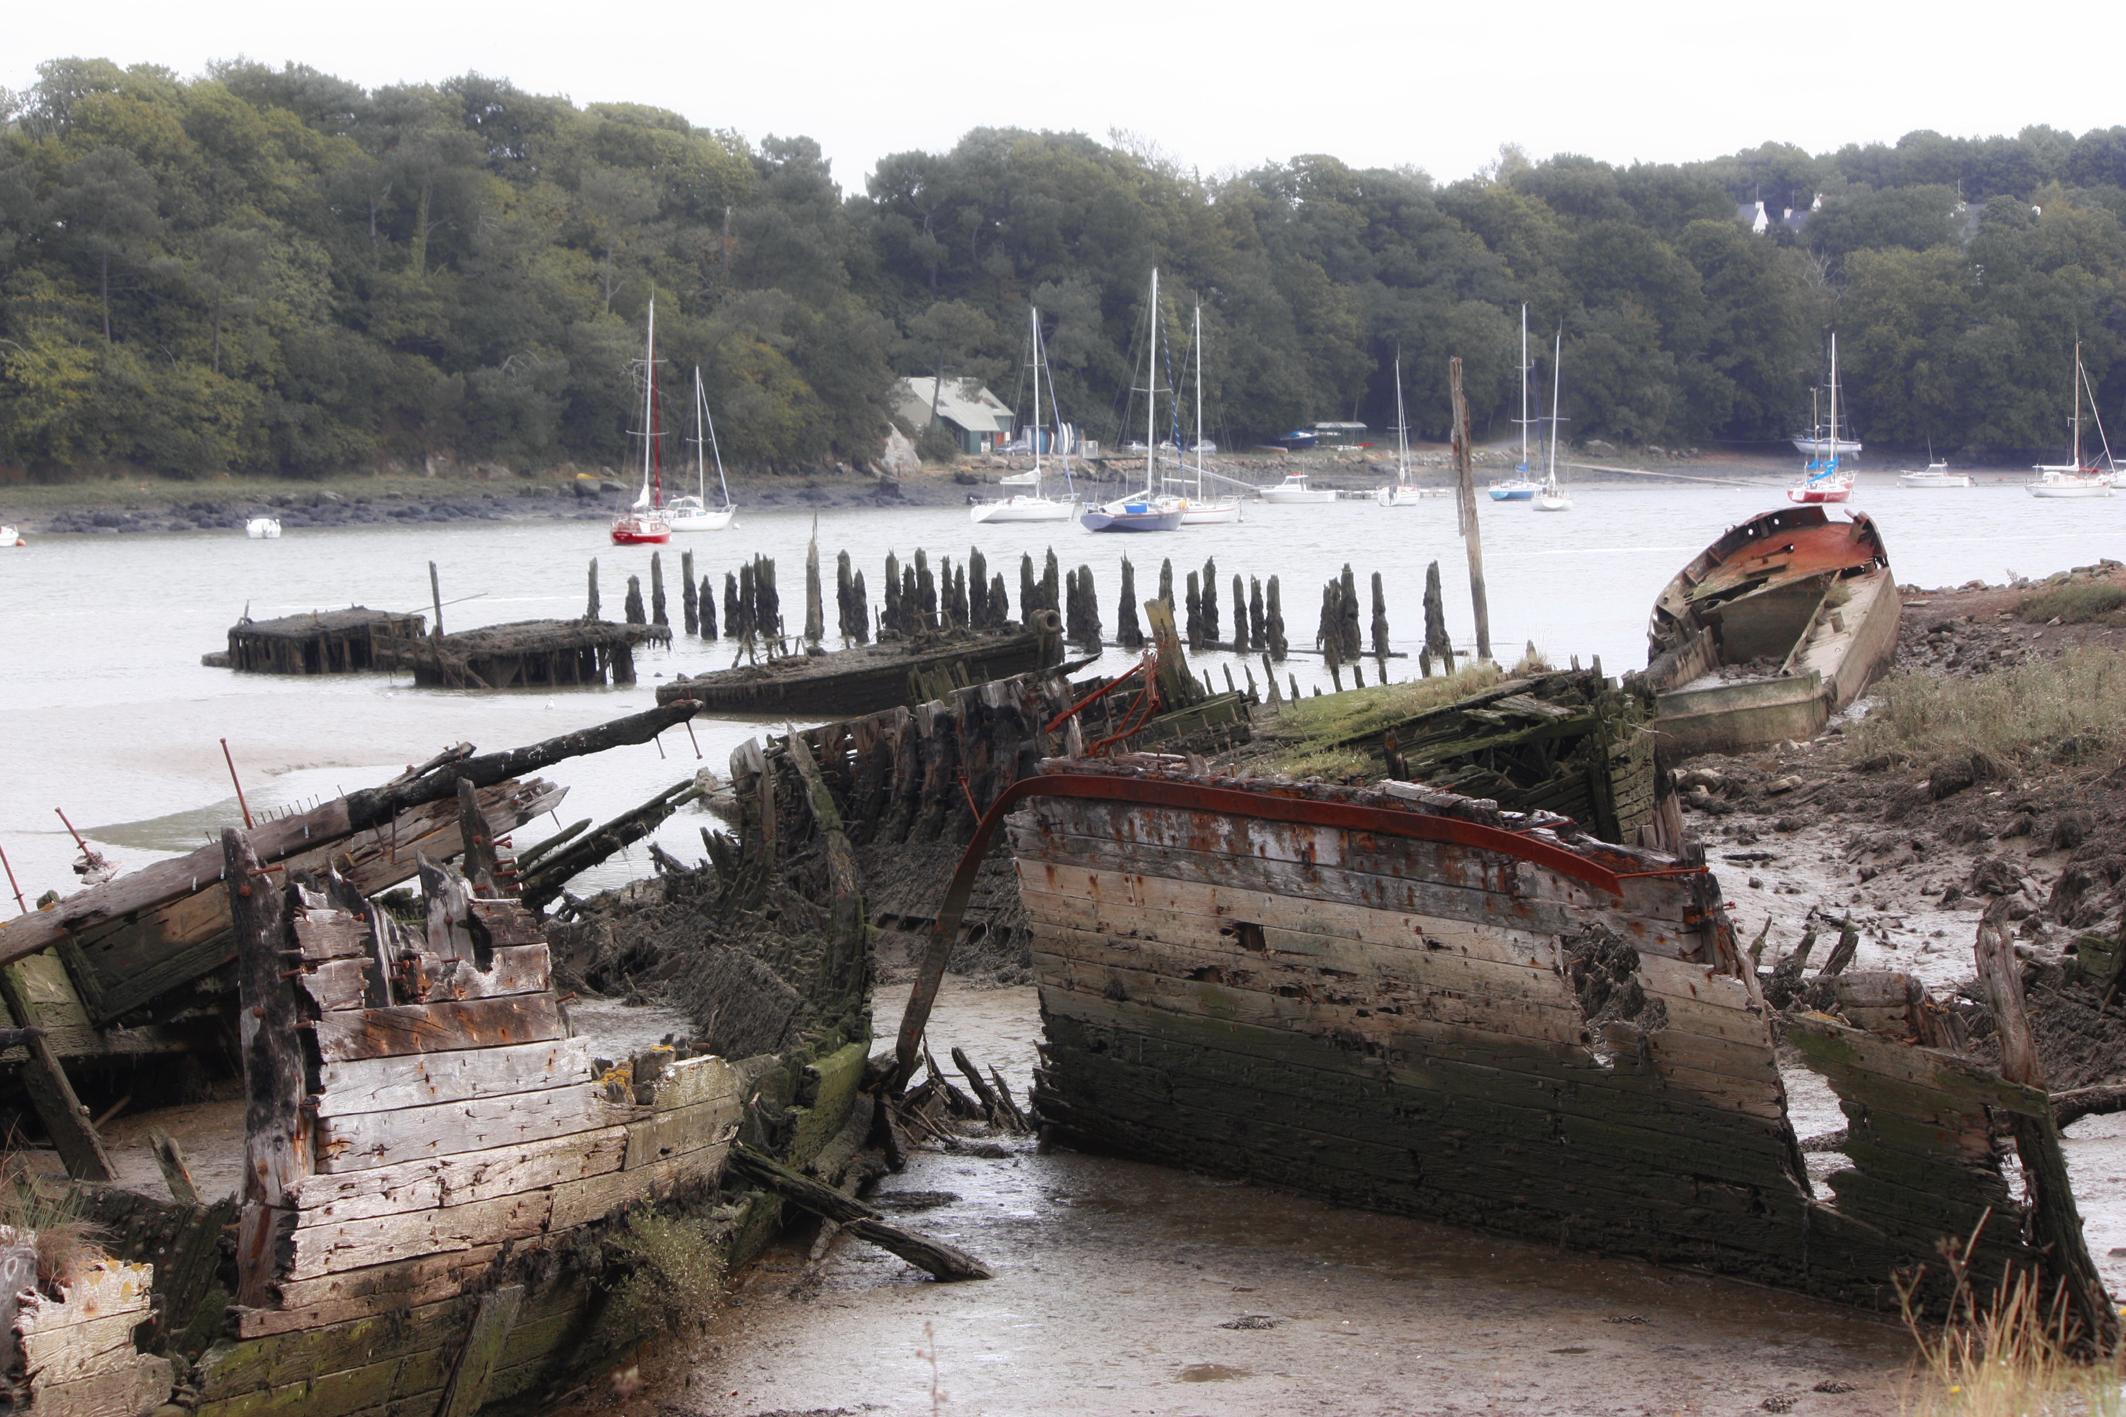 Cimetière de bateaux à Lanester 12